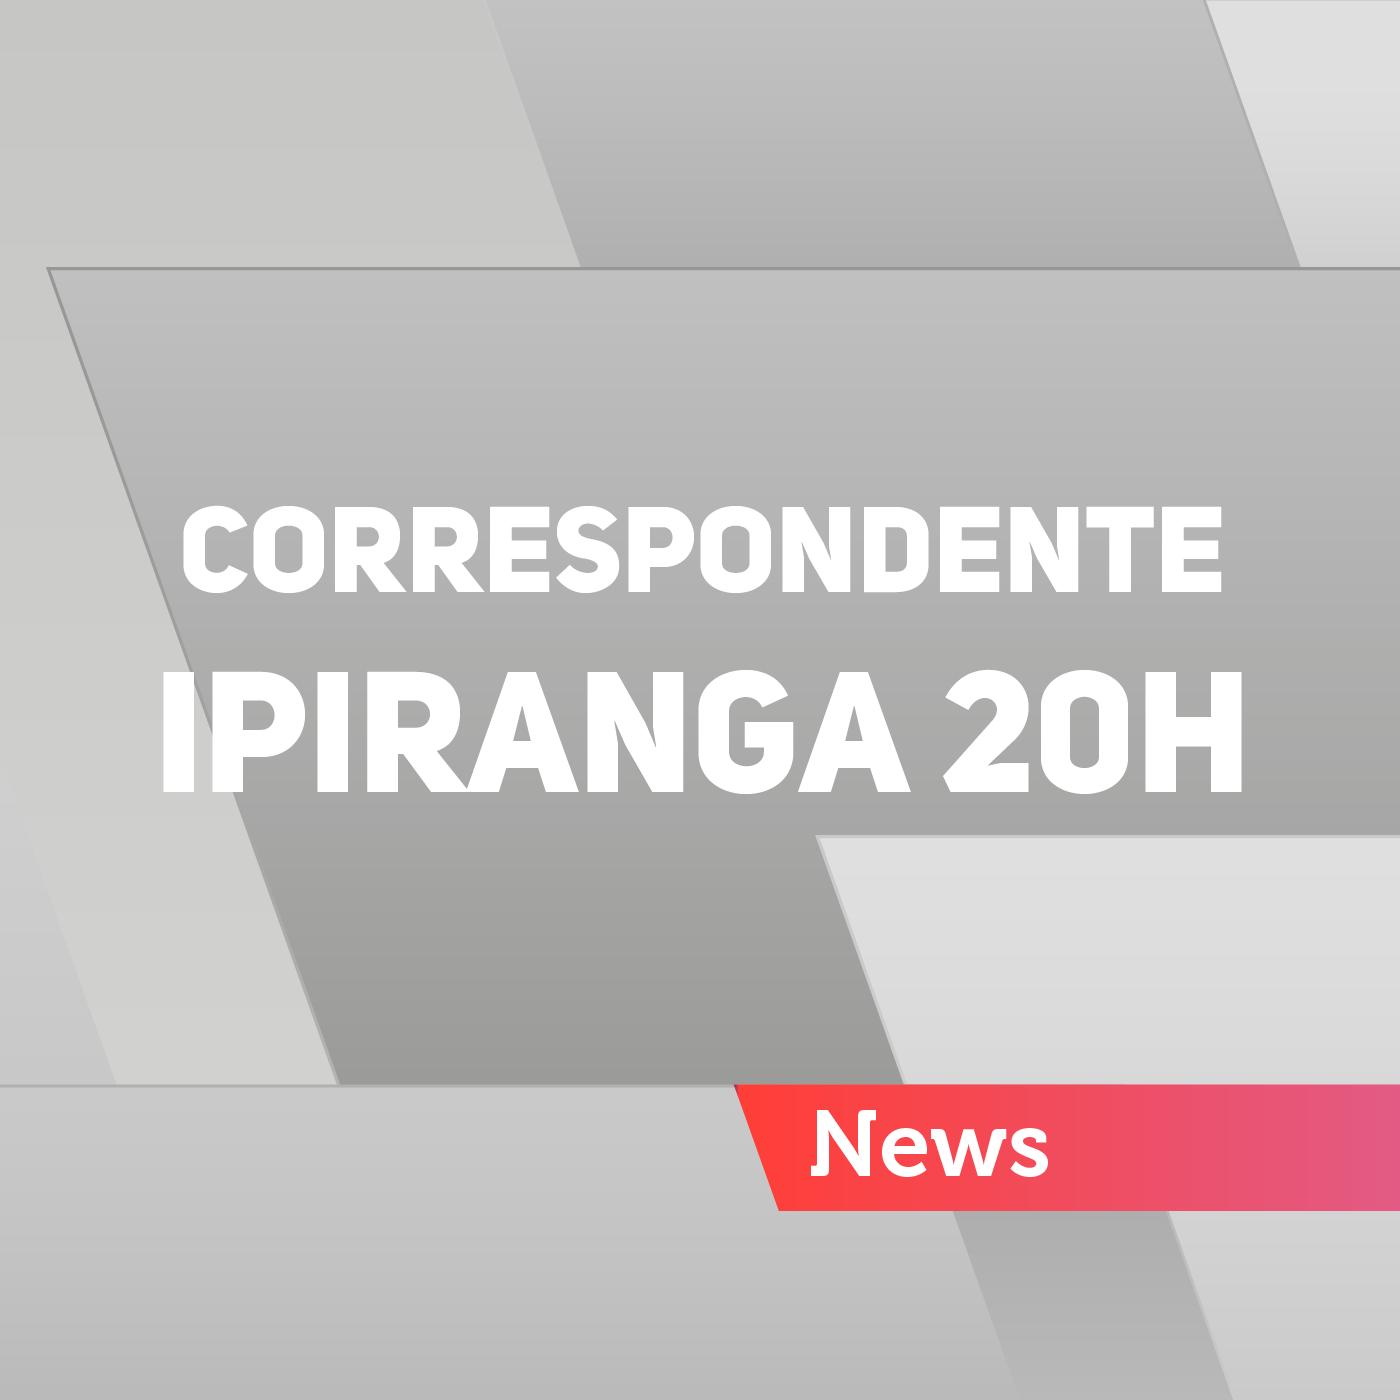 Correspondente Ipiranga 20h - 28/02/2017